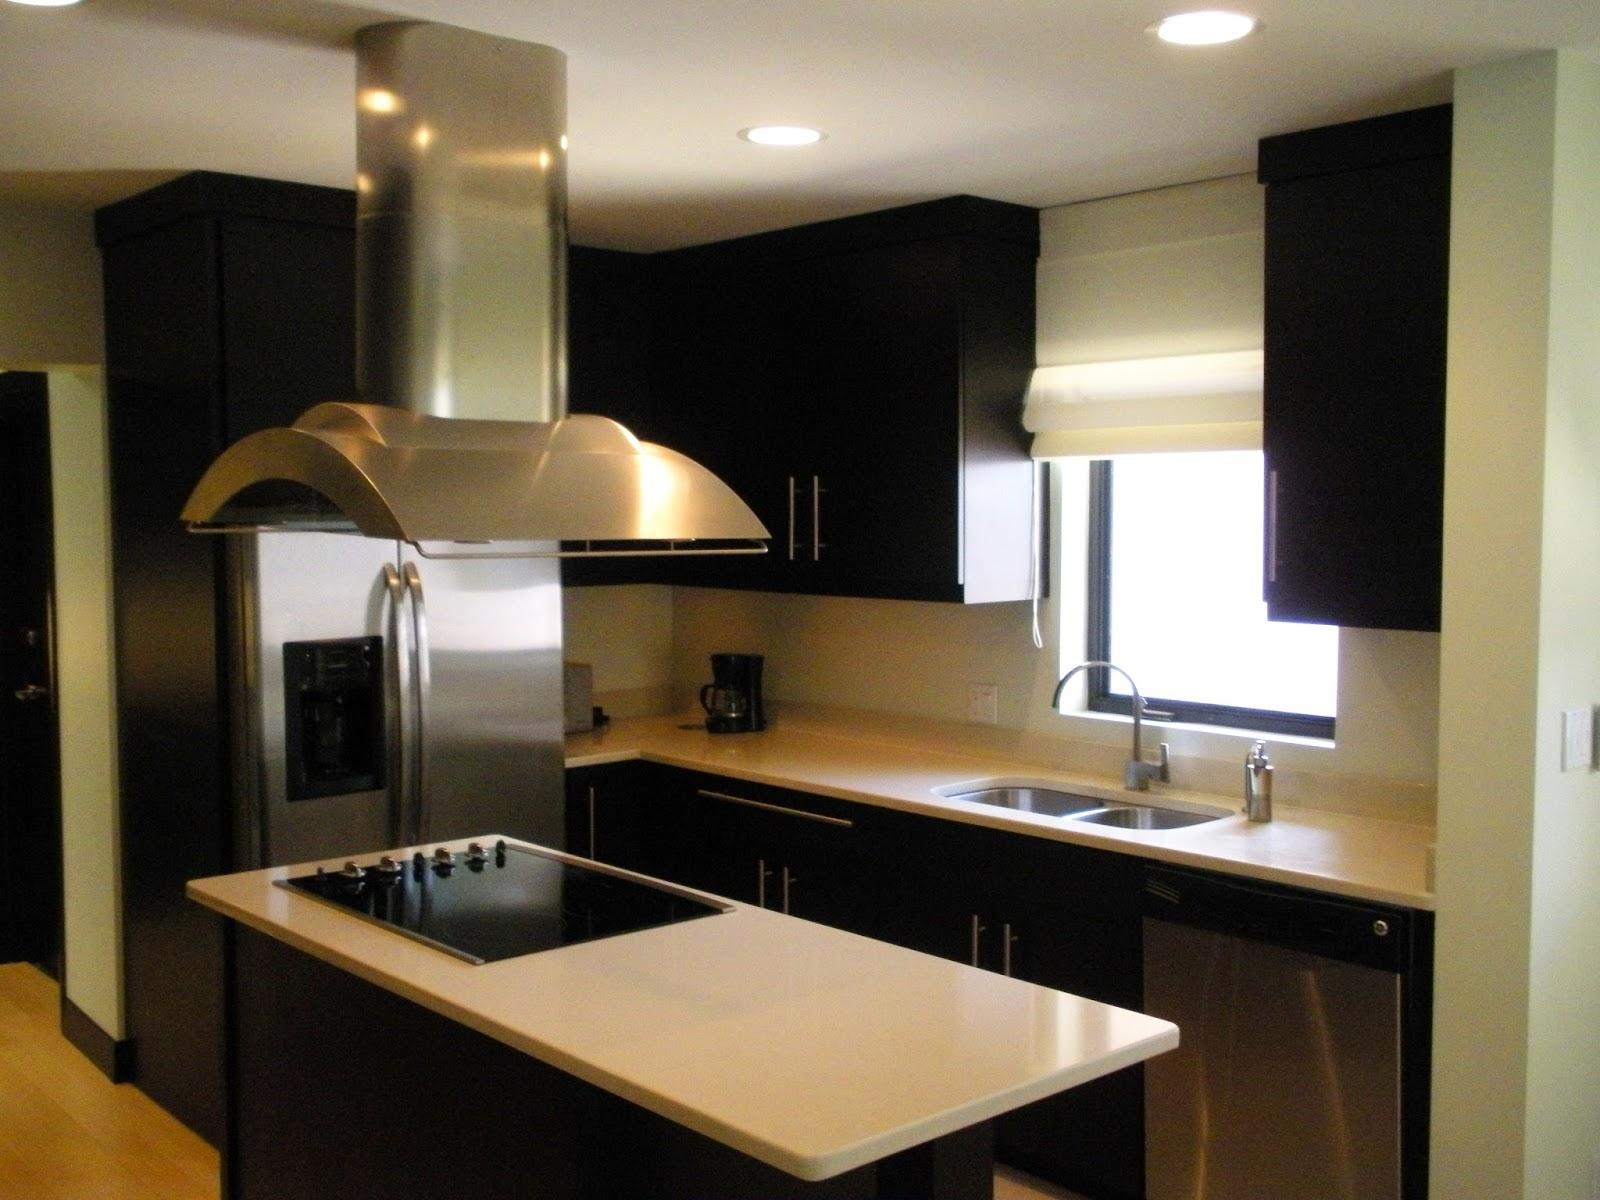 the latest trend for kitchen quartz kitchen countertops The latest trend for Kitchen Countertops Quartz